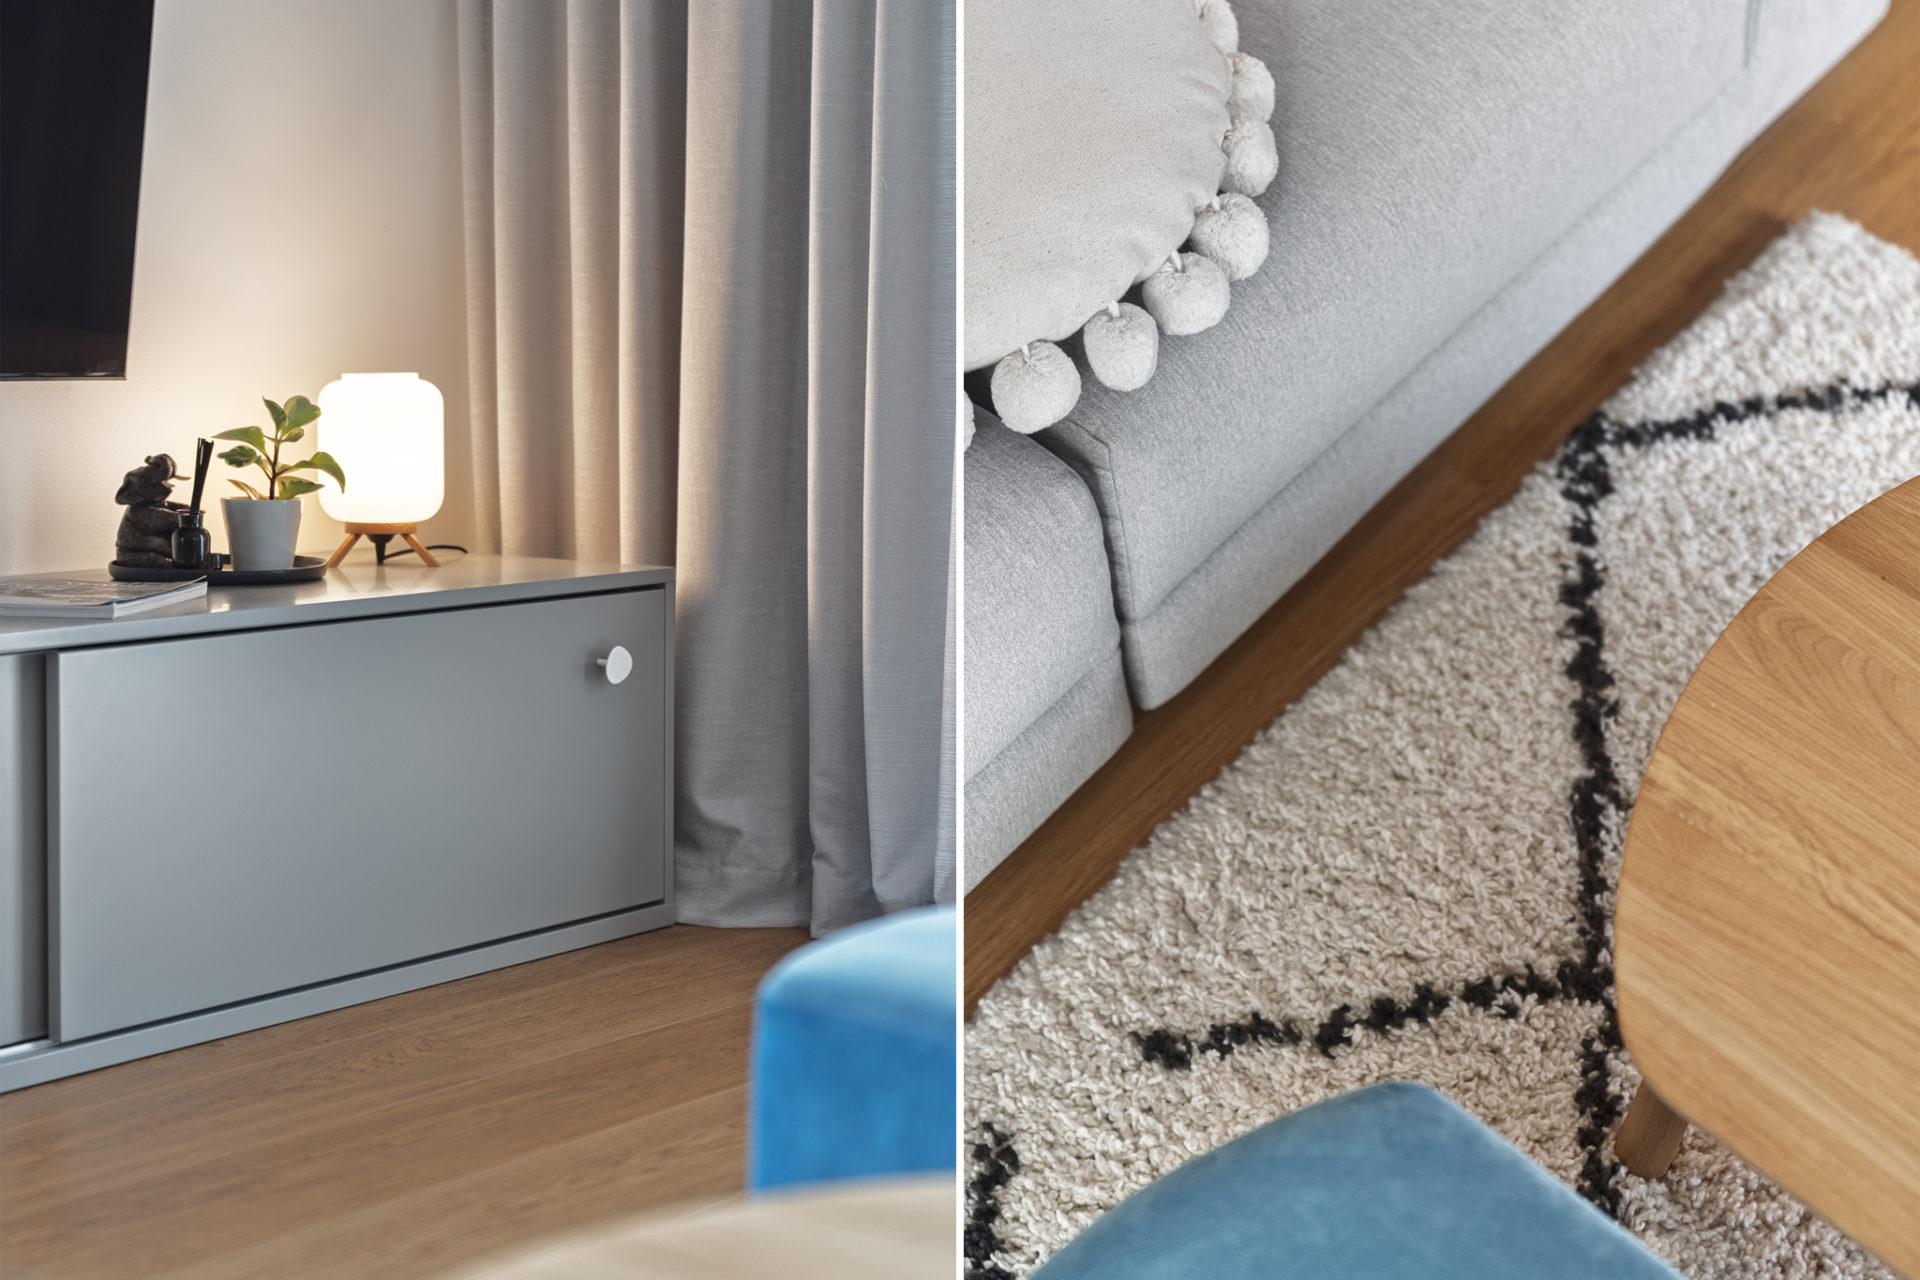 Apartament w Gdyni 2020 - 03